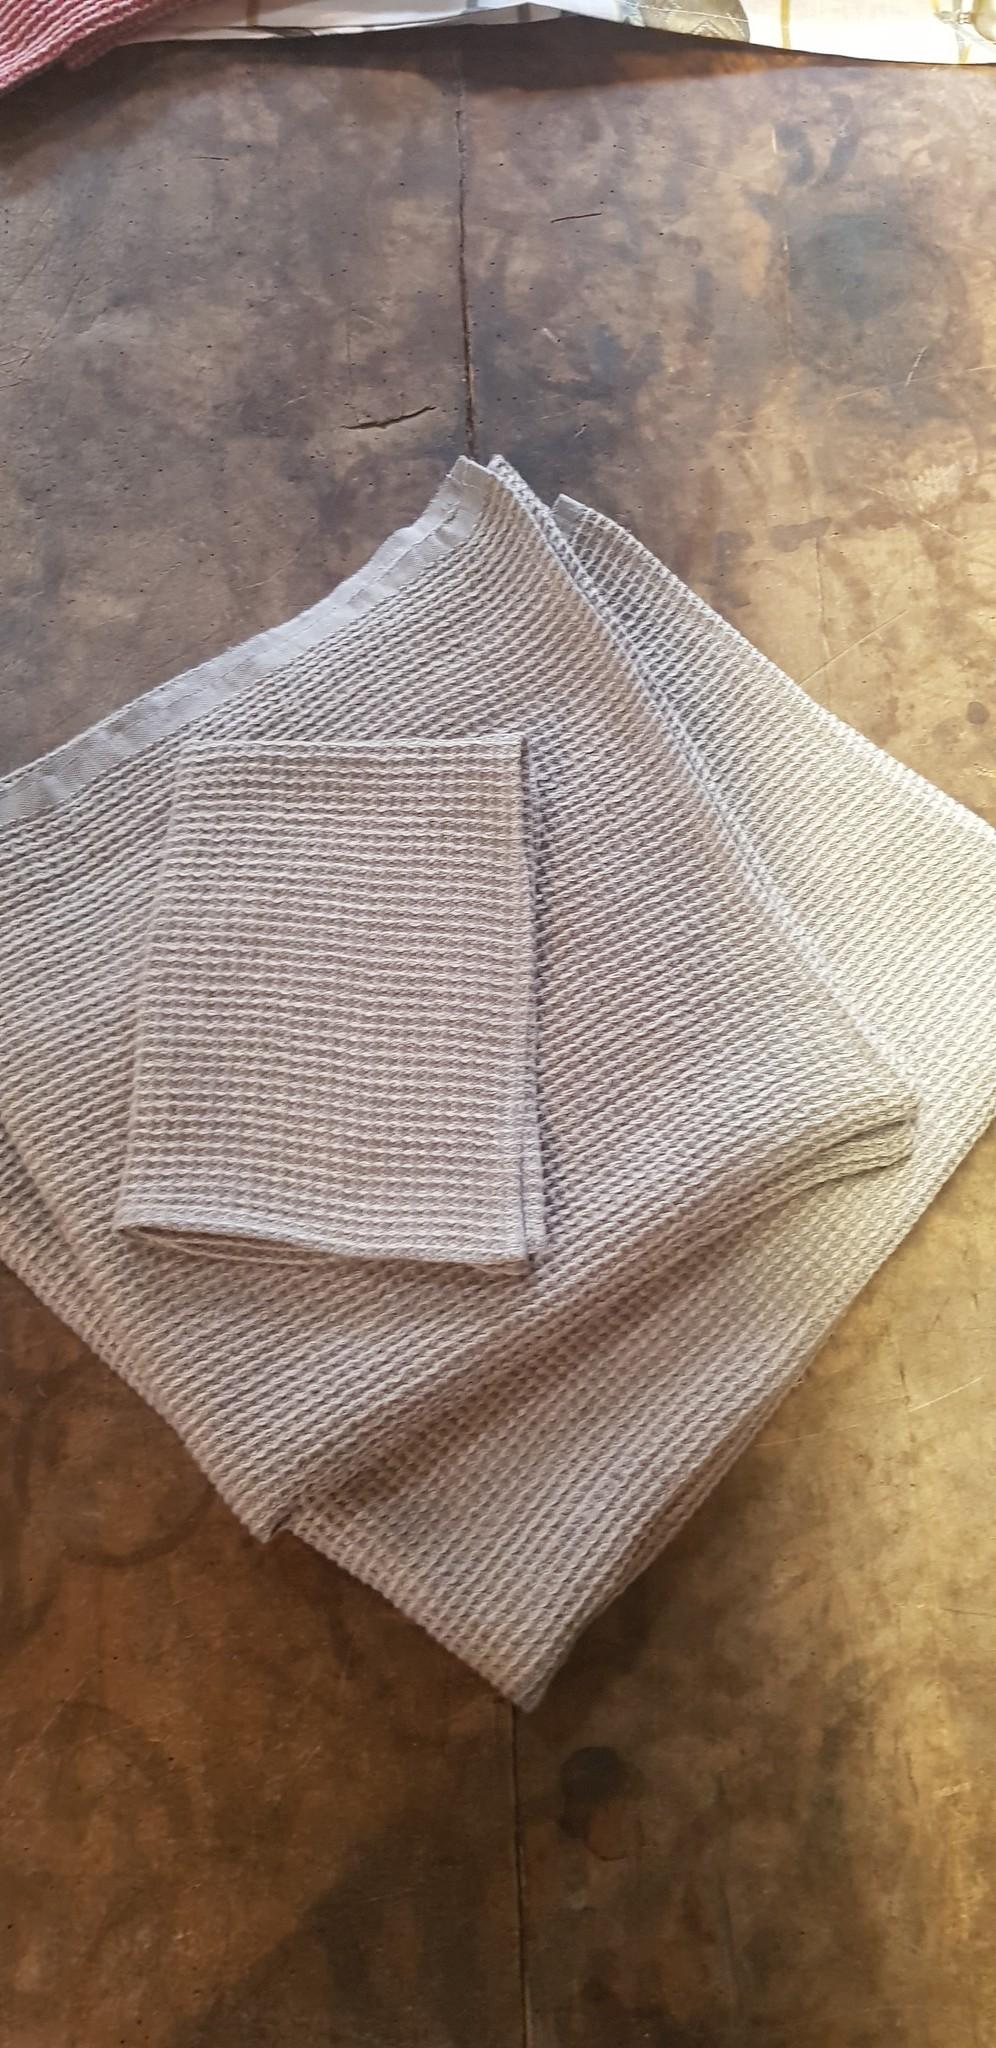 Honeycomb toilet glove